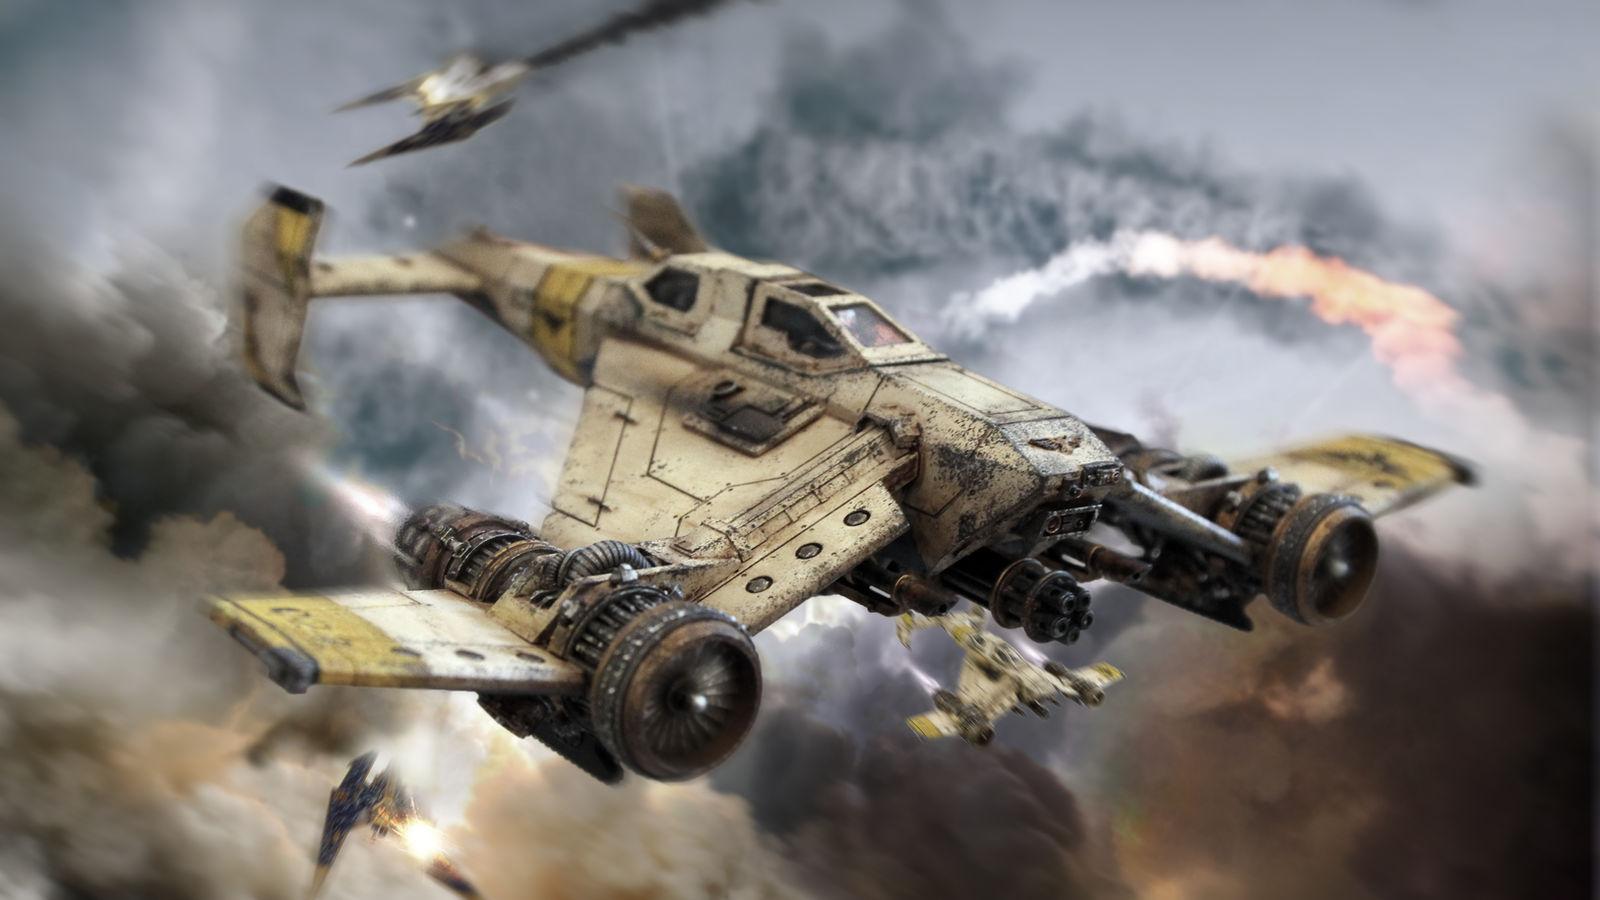 Imperial Domination - Avenger Strike Fighter